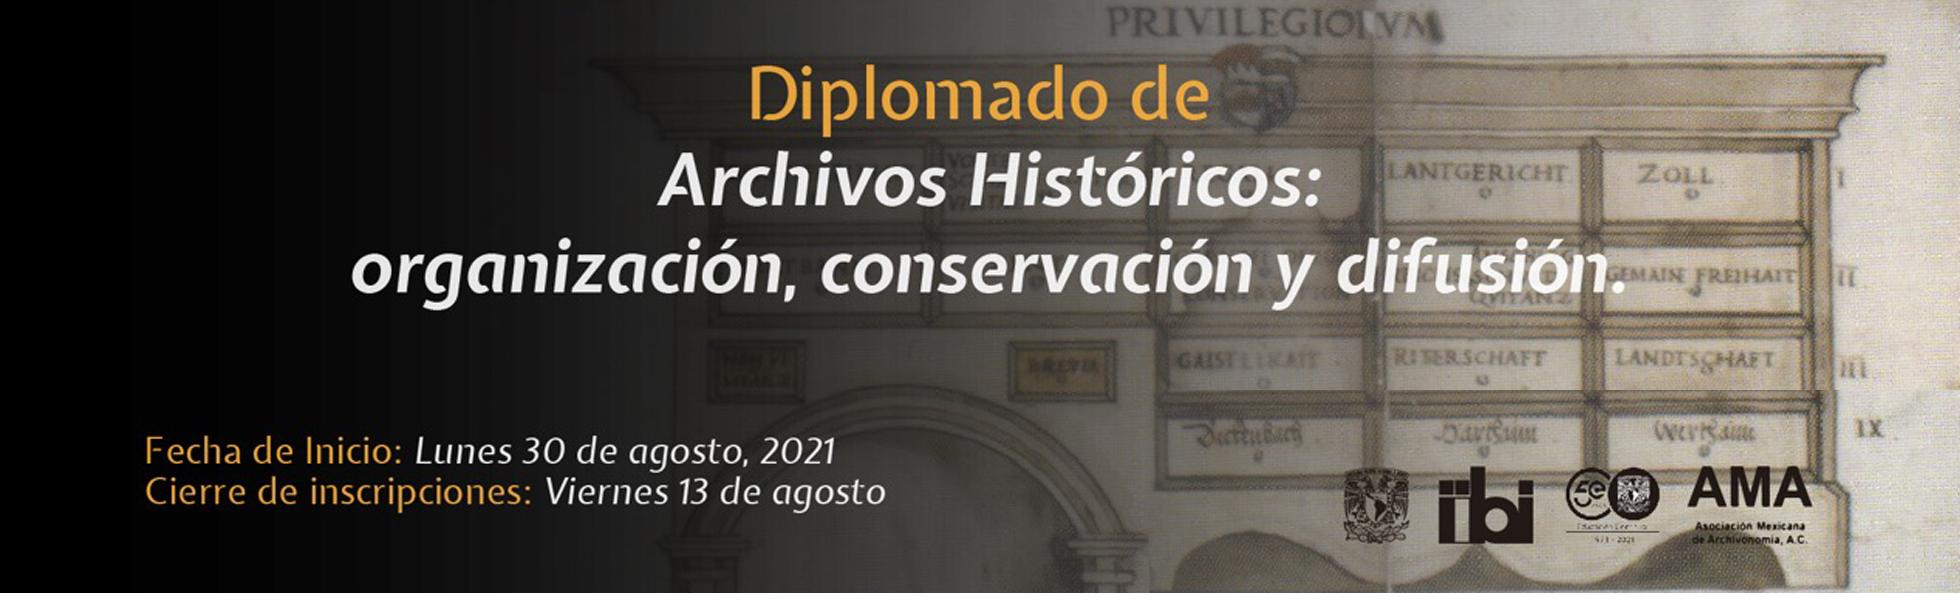 Diplomado de Archivos Históricos: organización, conservación y difusión